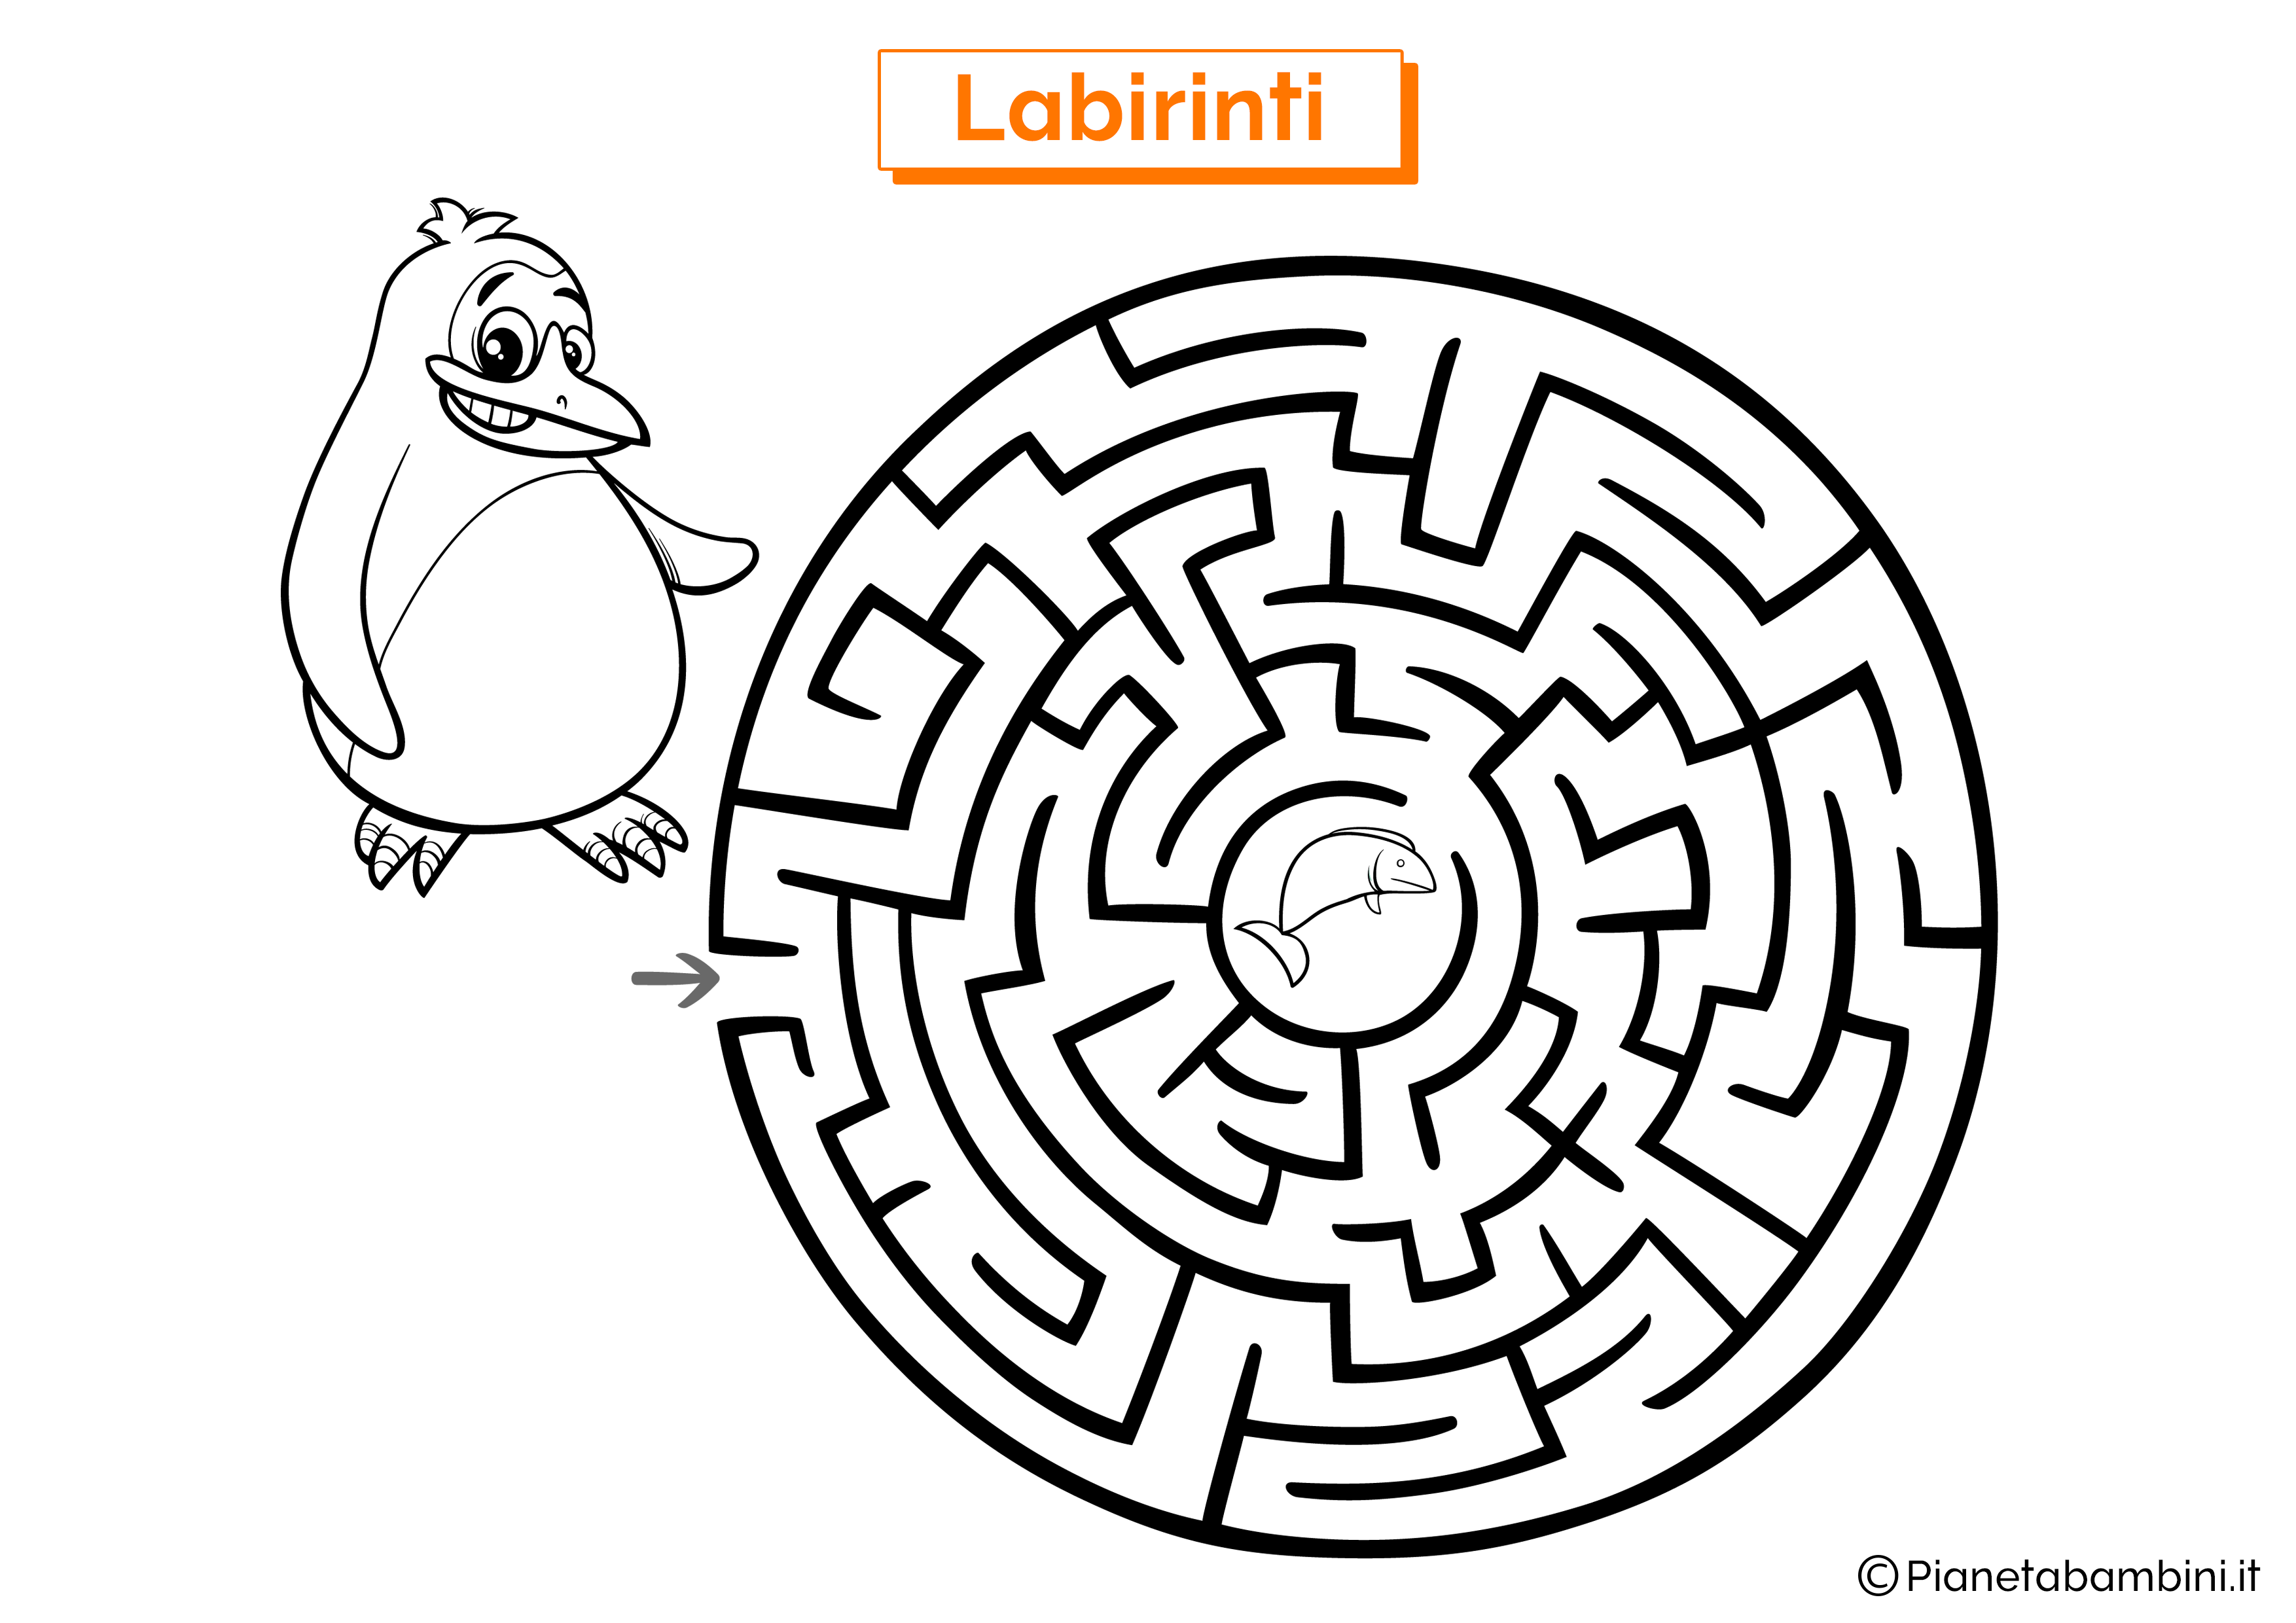 Labirinto con pinguino e pesce da stampare